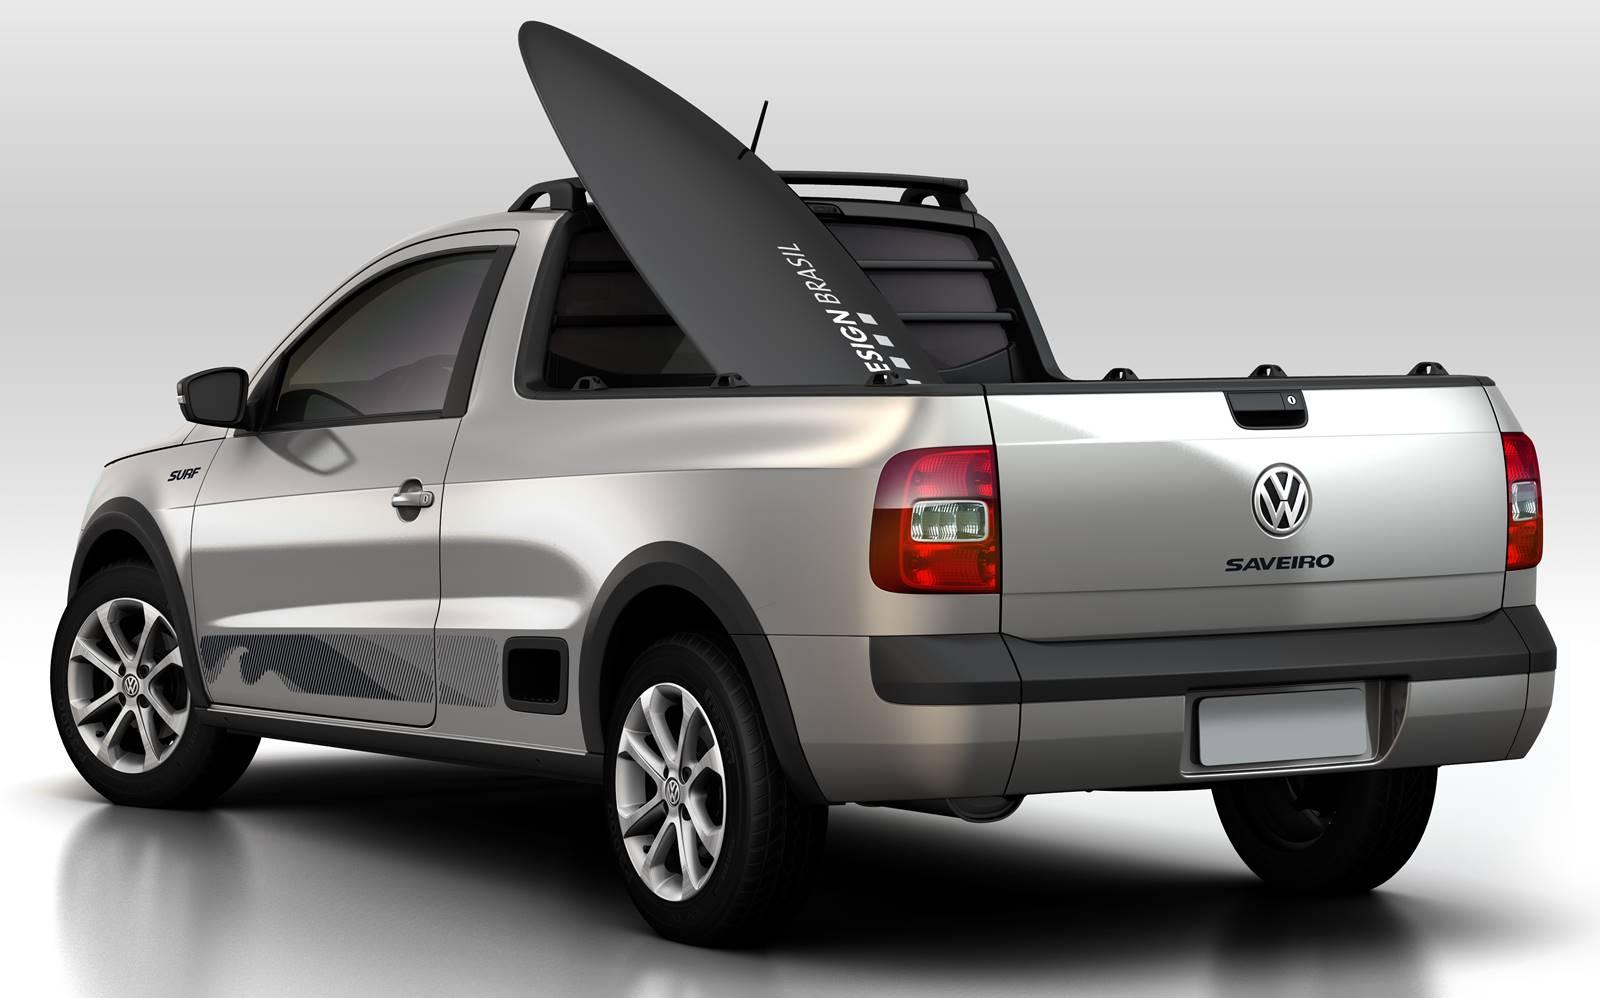 Volkswagen Saveiro Surf 2015